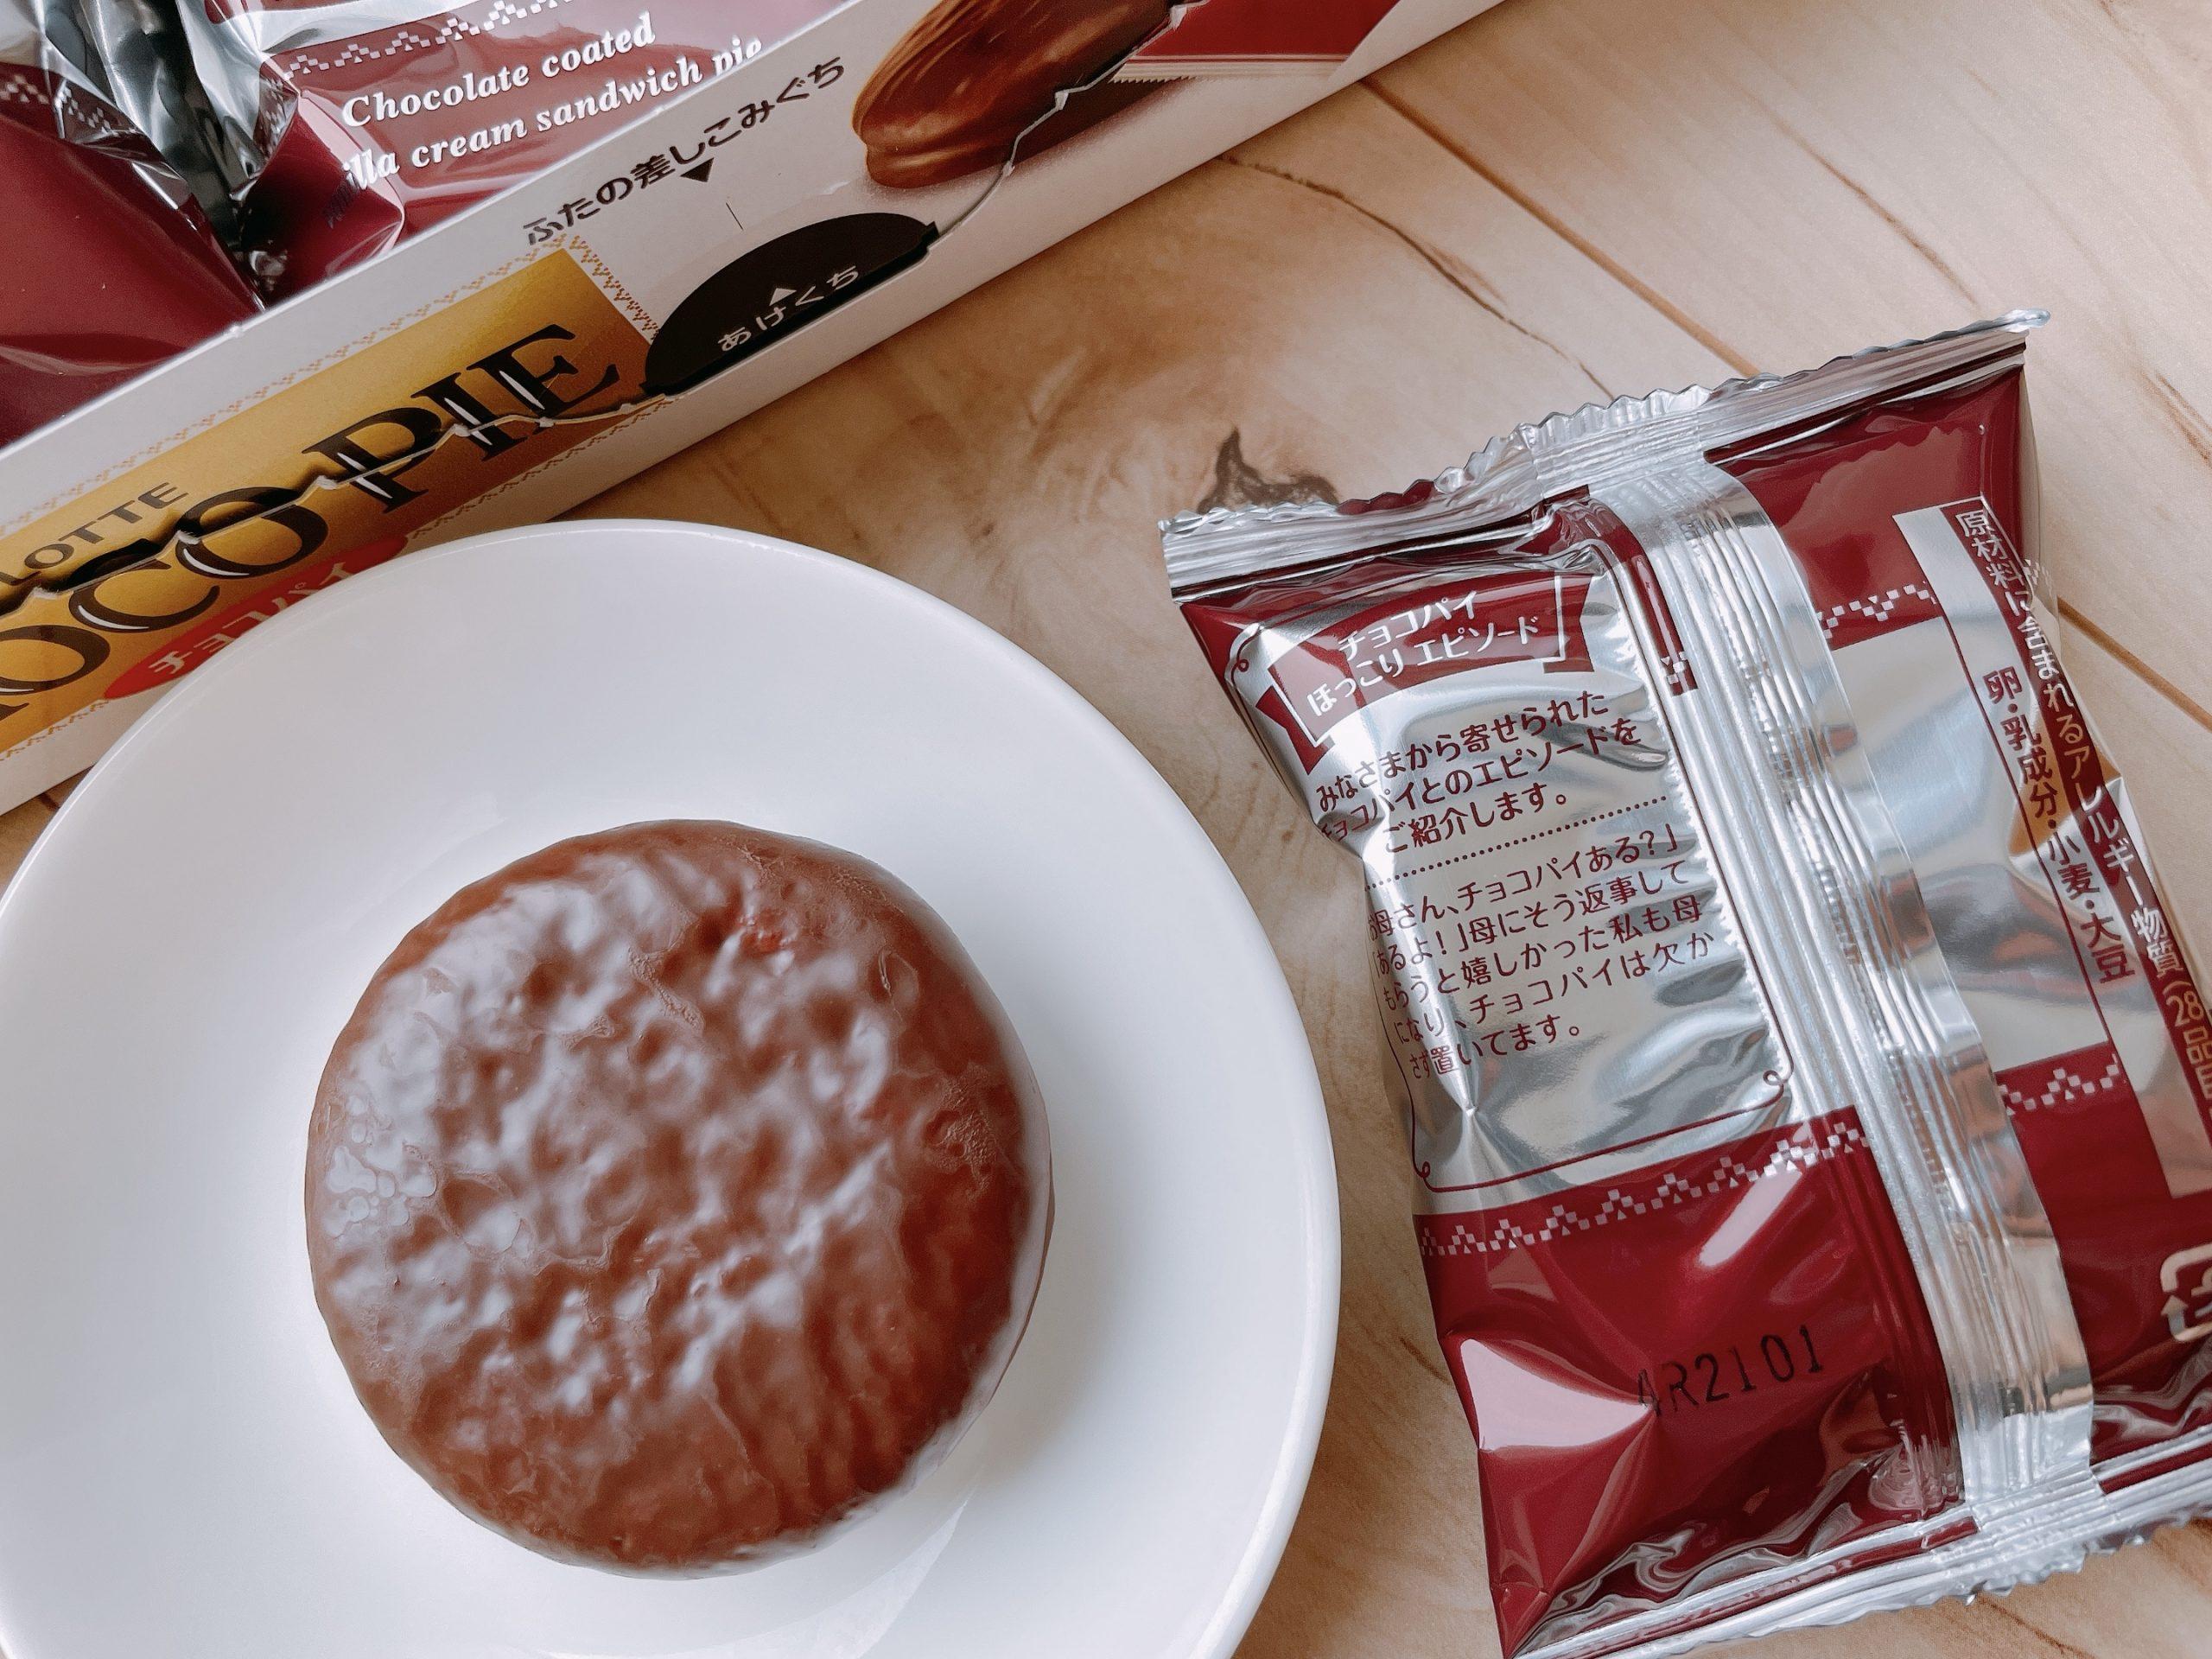 ロッテのチョコパイの個包装の裏側に、ほっこりエピソード